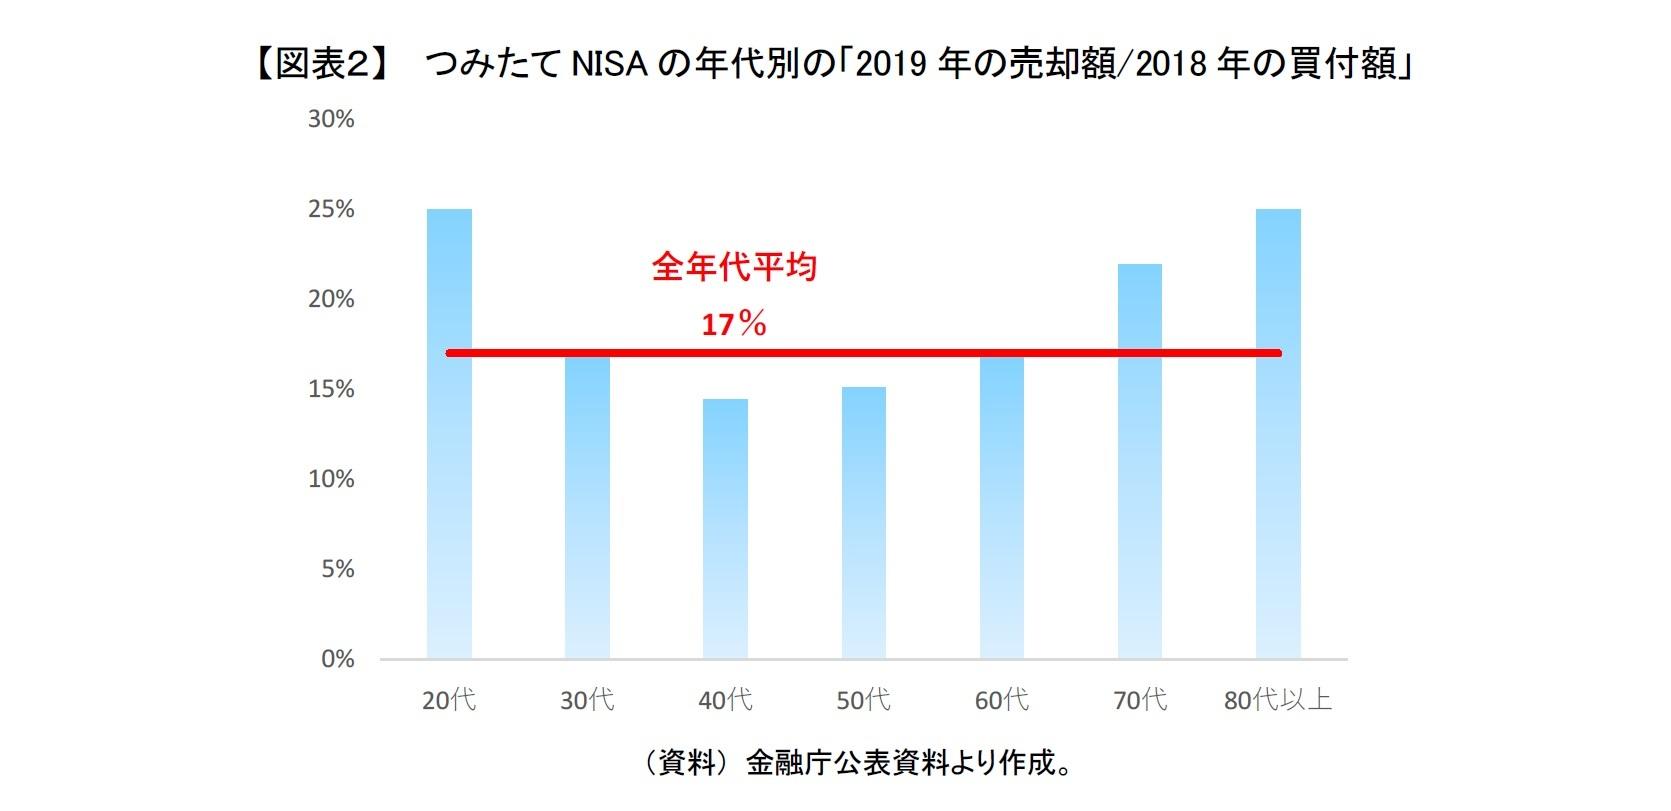 【図表2】  つみたてNISAの年代別の「2019年の売却額/2018年の買付額」